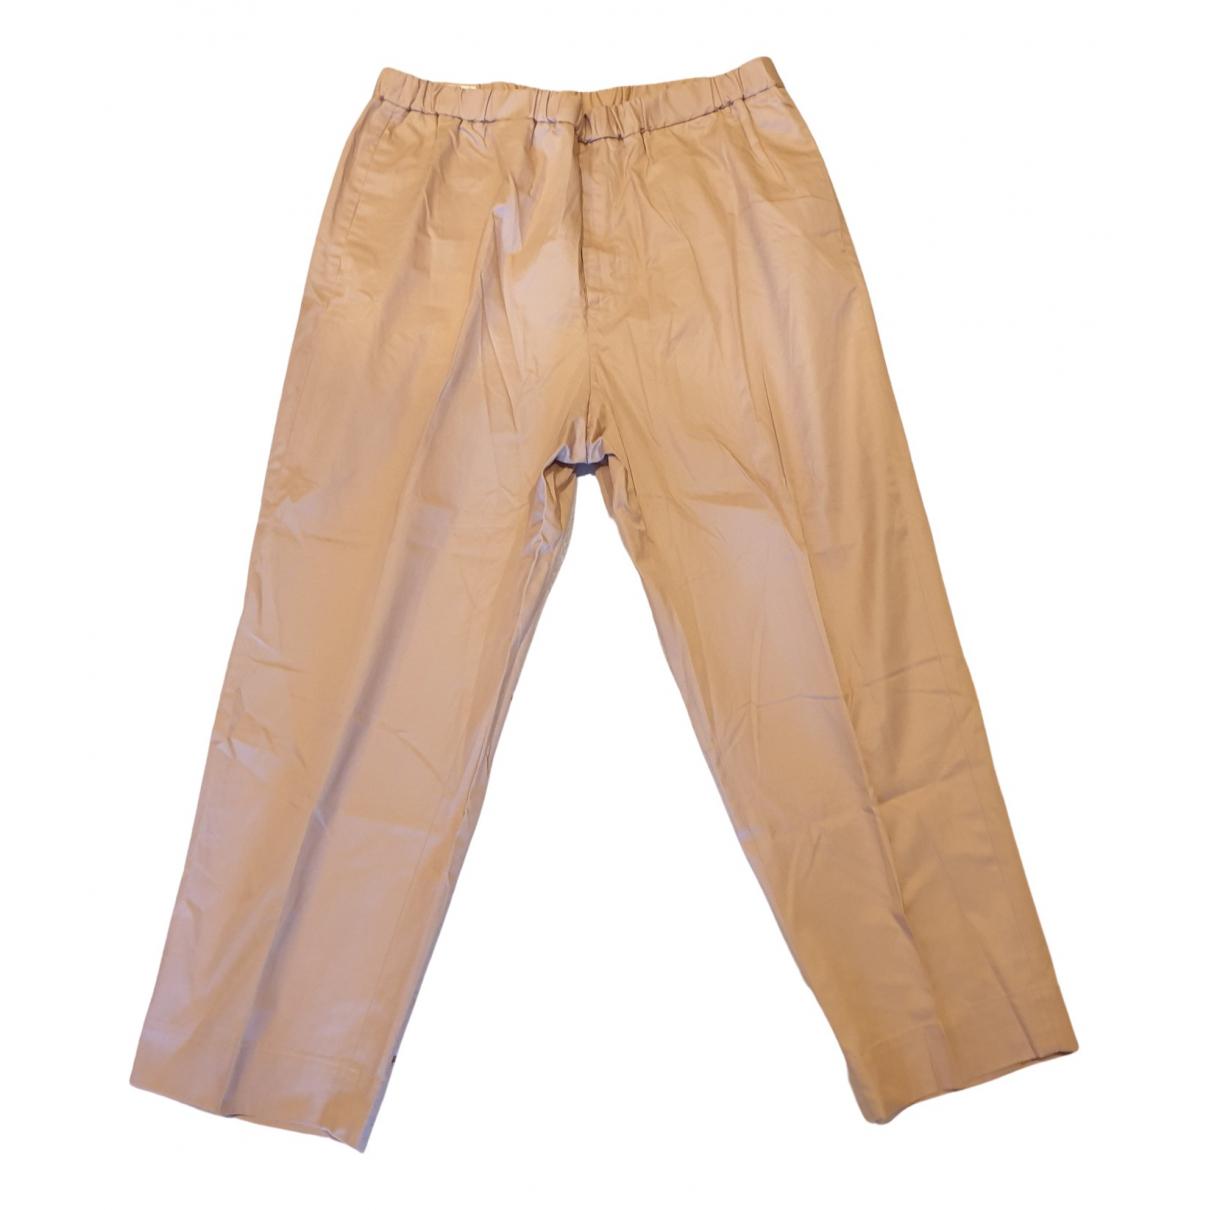 Pantalones en Algodon Beige Jil Sander